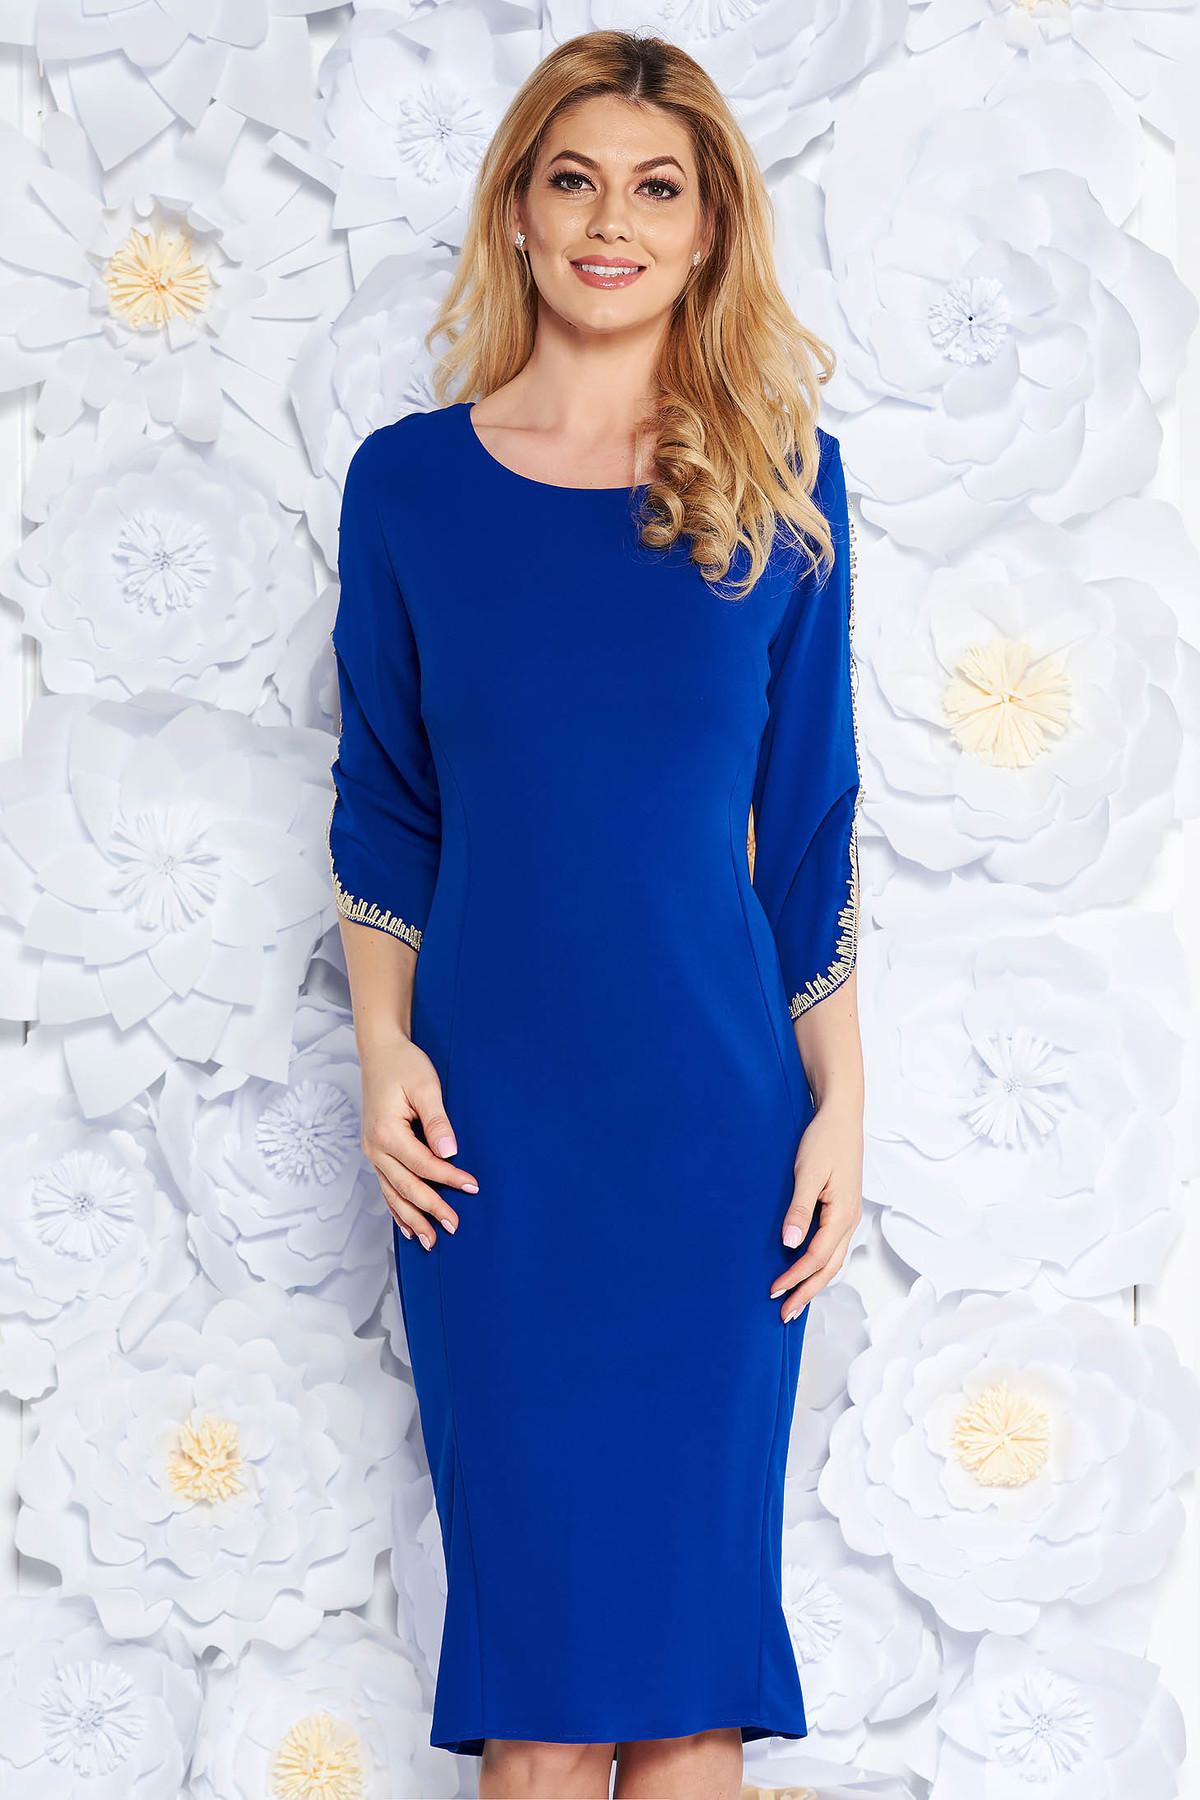 1e57c7f5c4 Kék elegáns ceruza ruha rugalmas anyag hímzett betétekkel háromnegyedes ujjú